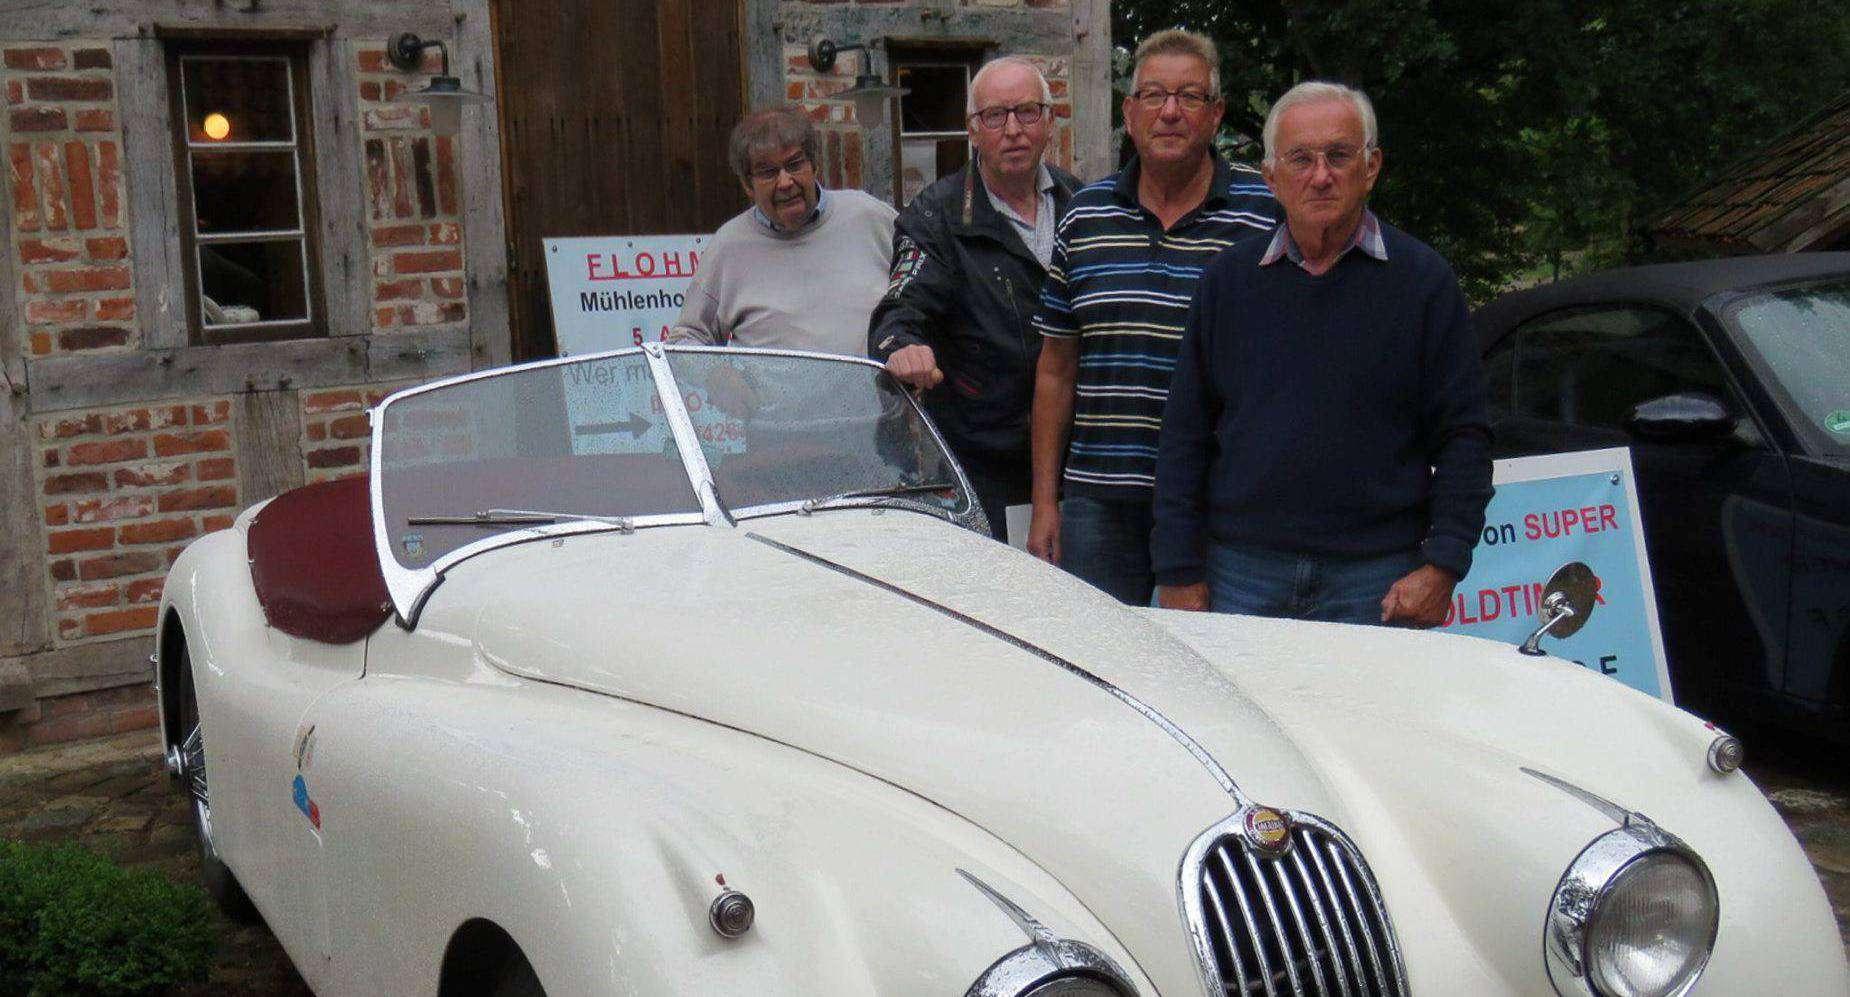 Ein Jaguar Cabrio von 1954 wird mit Sicherheit ein Hingucker bei der Mühlenhof-Autoschau sein. Erhard Thieß, Günter Wellbrock, Werner Pantel und Manfred Bröse ermöglichten einen Vorabblick darauf.